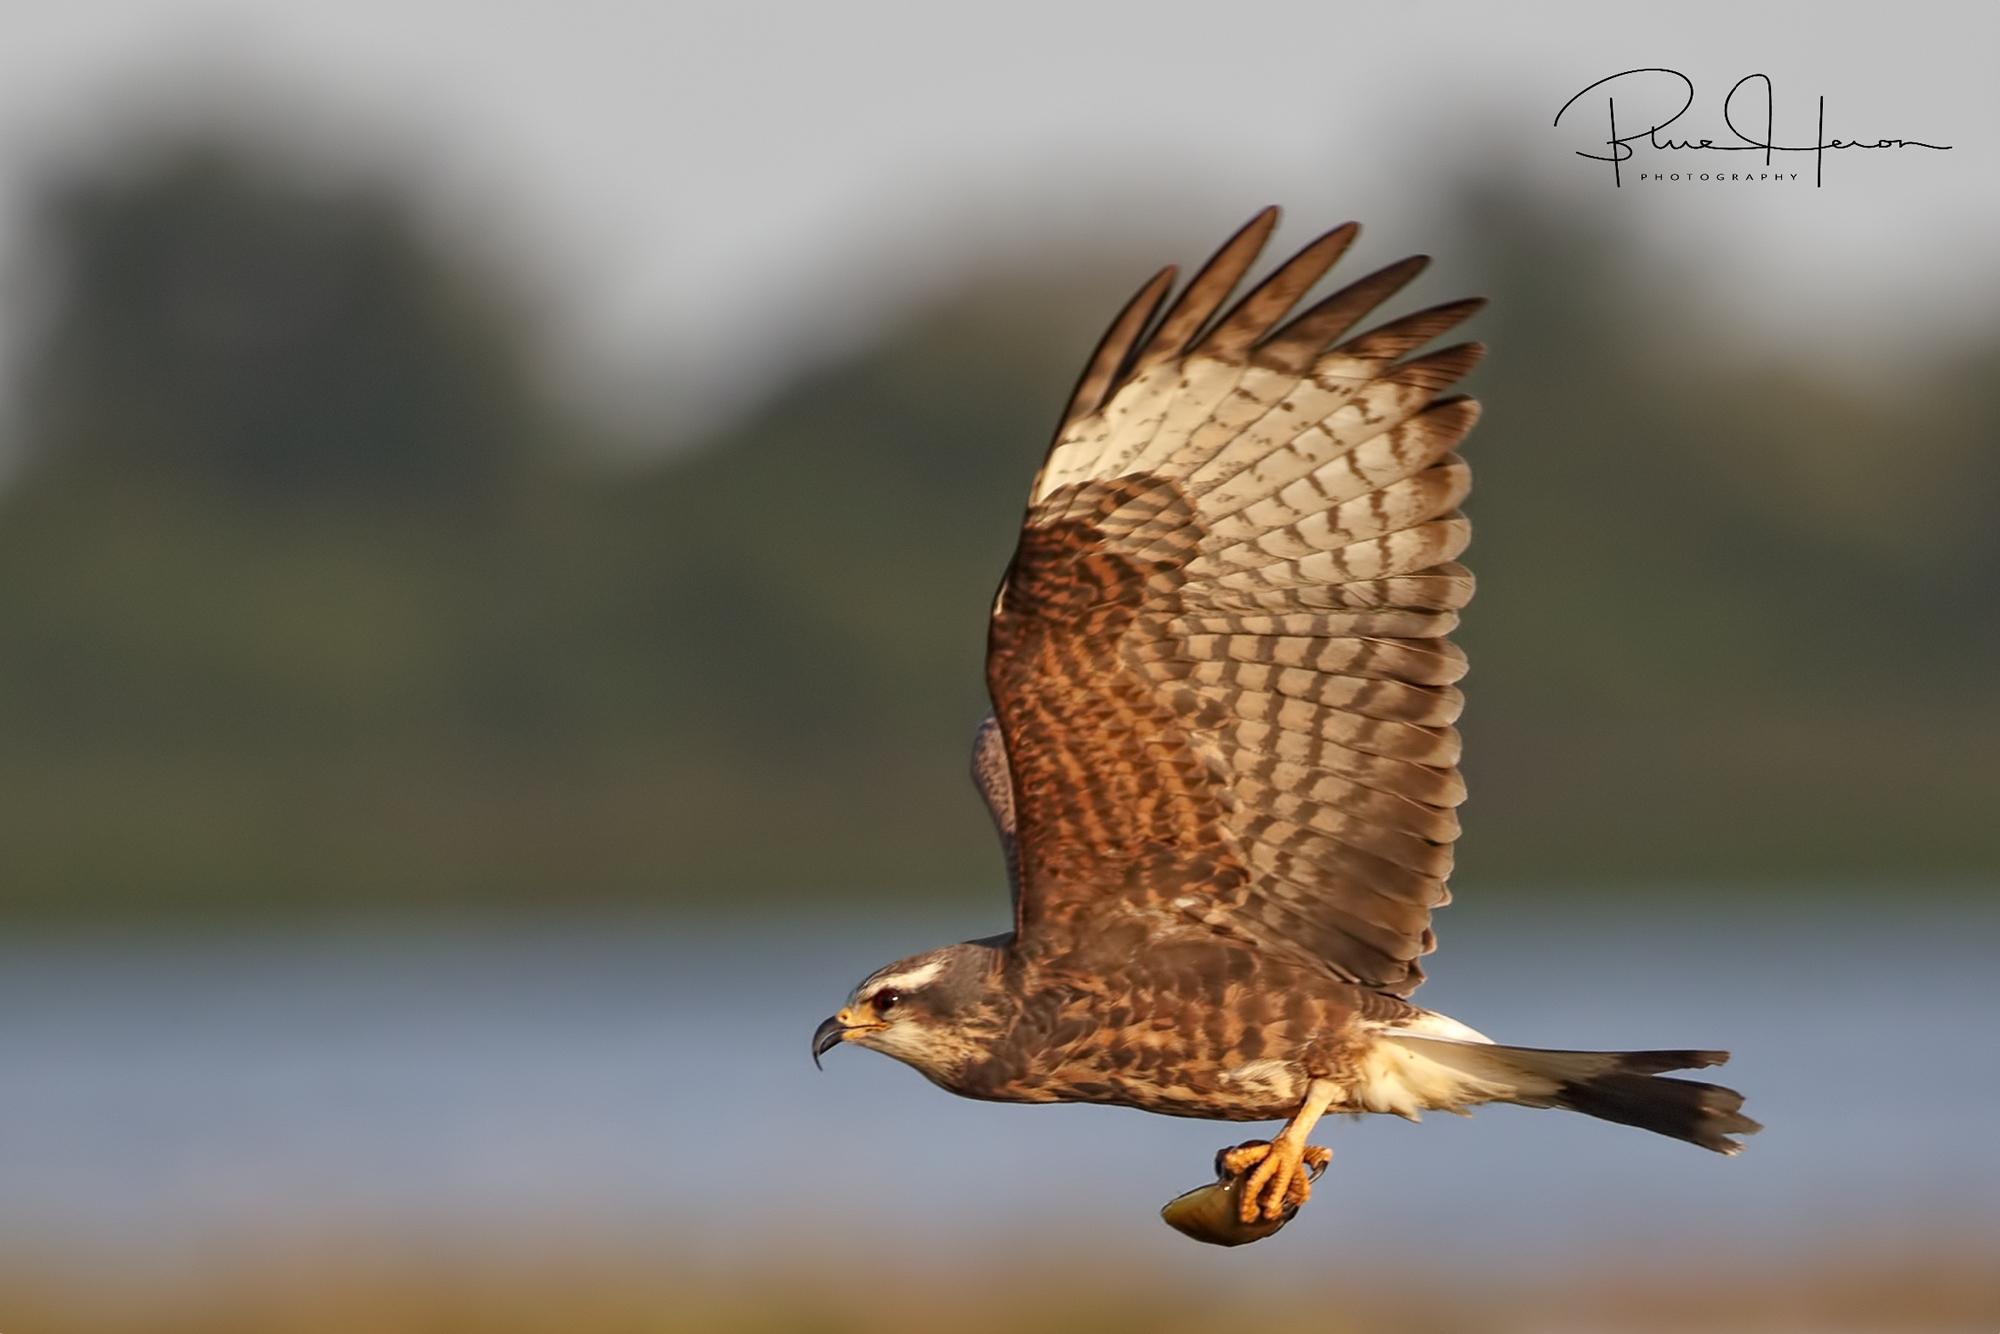 Female kite bringing in snail